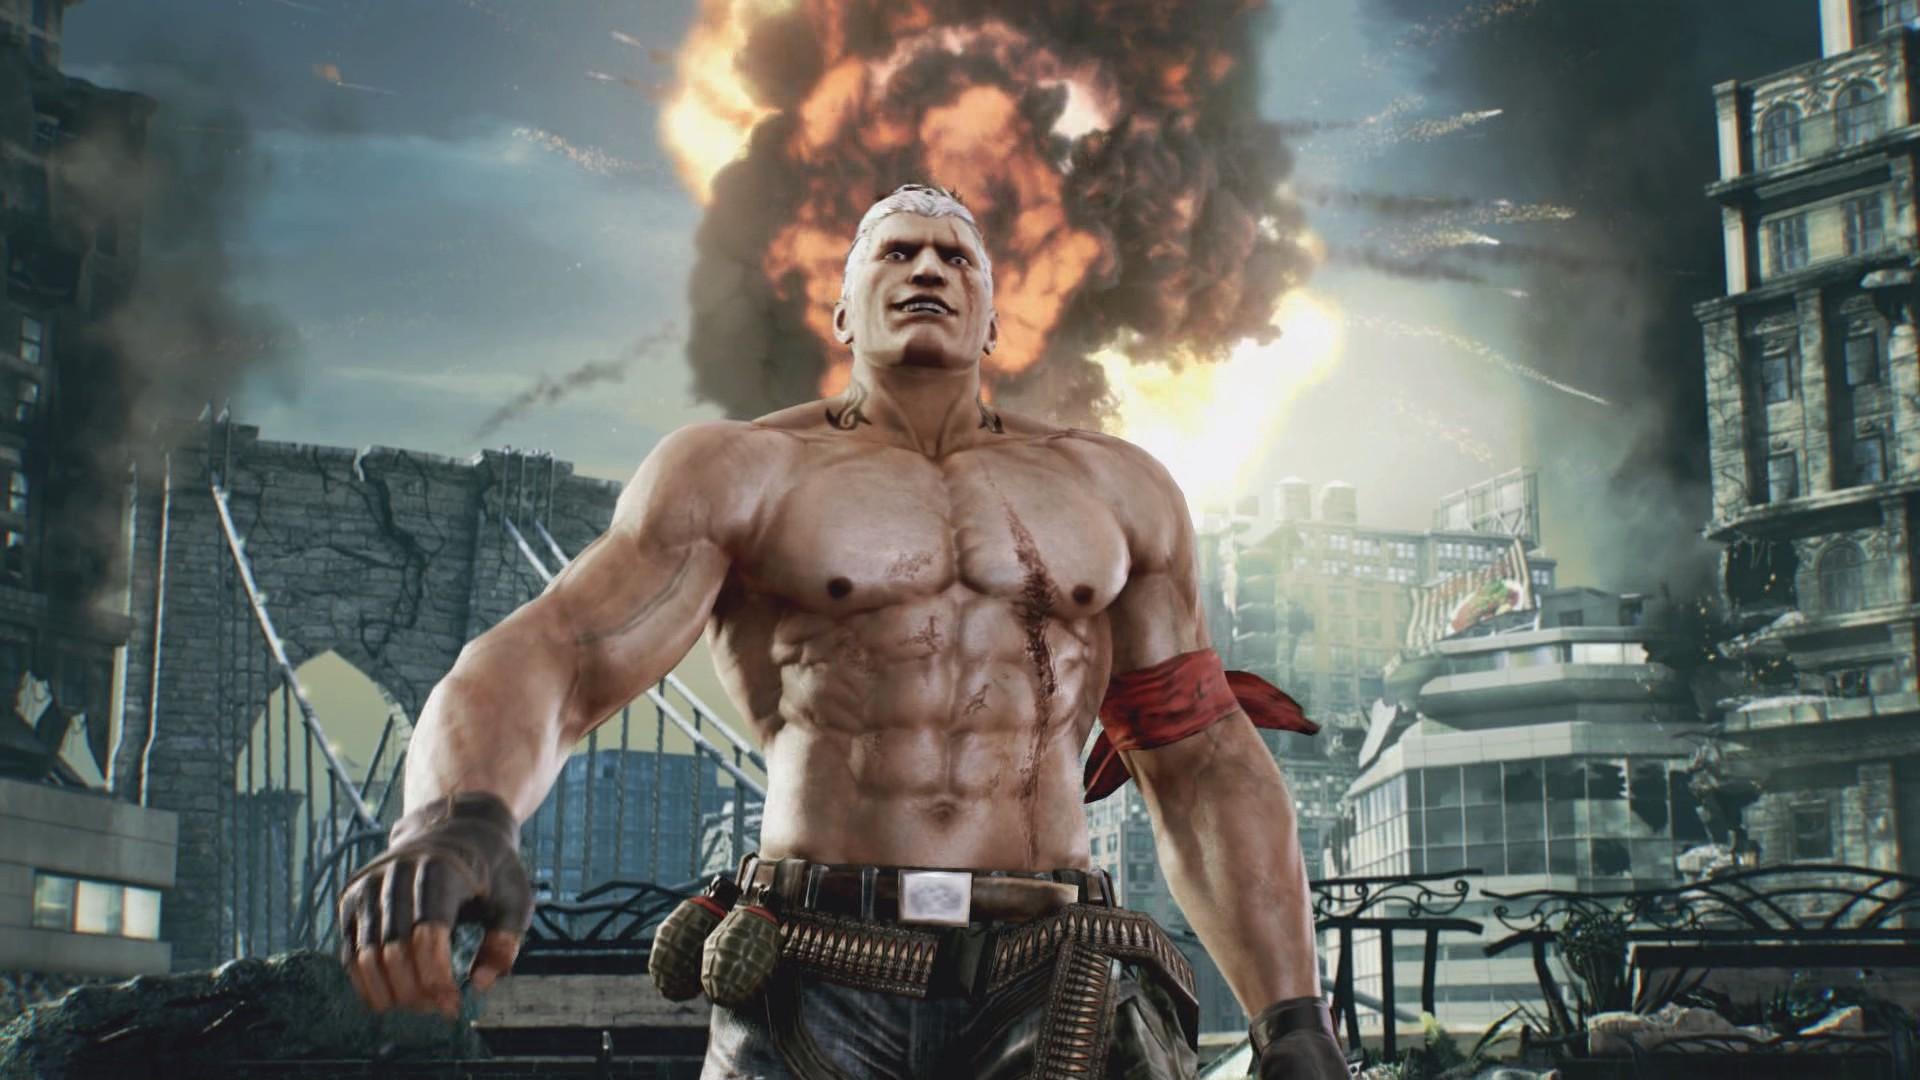 Bryan Fury Tekken 7 Posted By John Walker